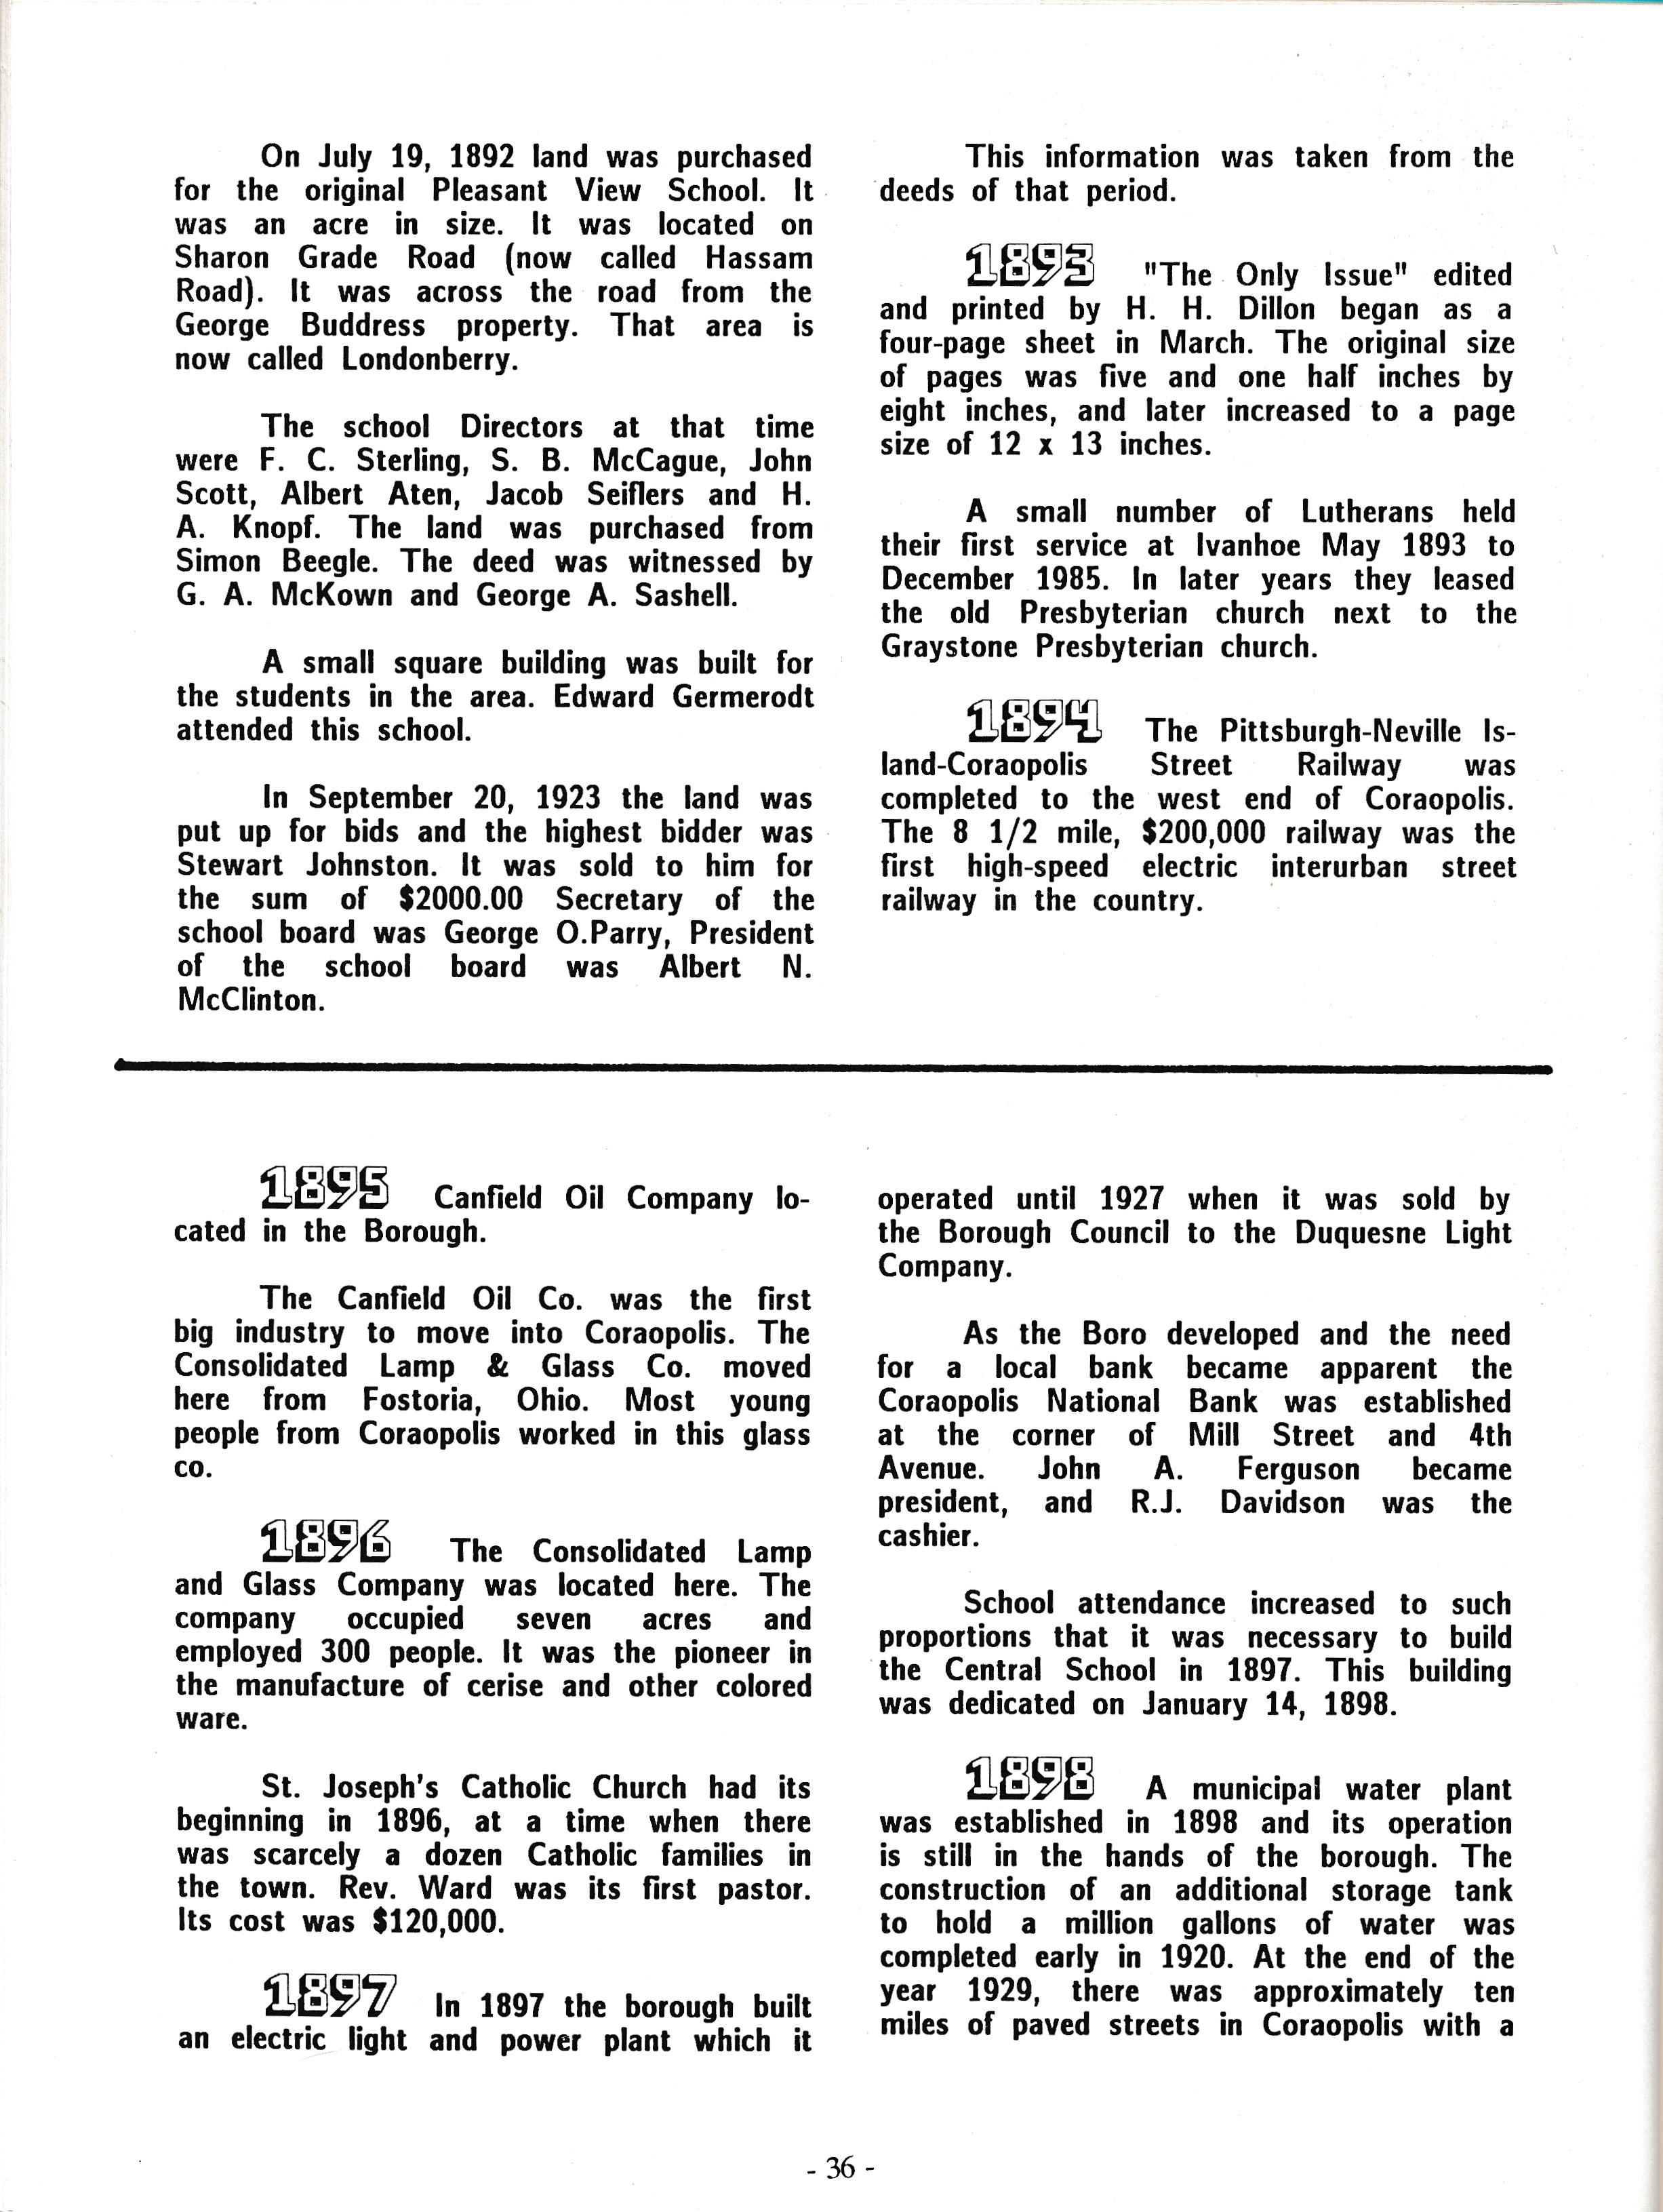 Coraopolis Centennial Booklet (38).jpg